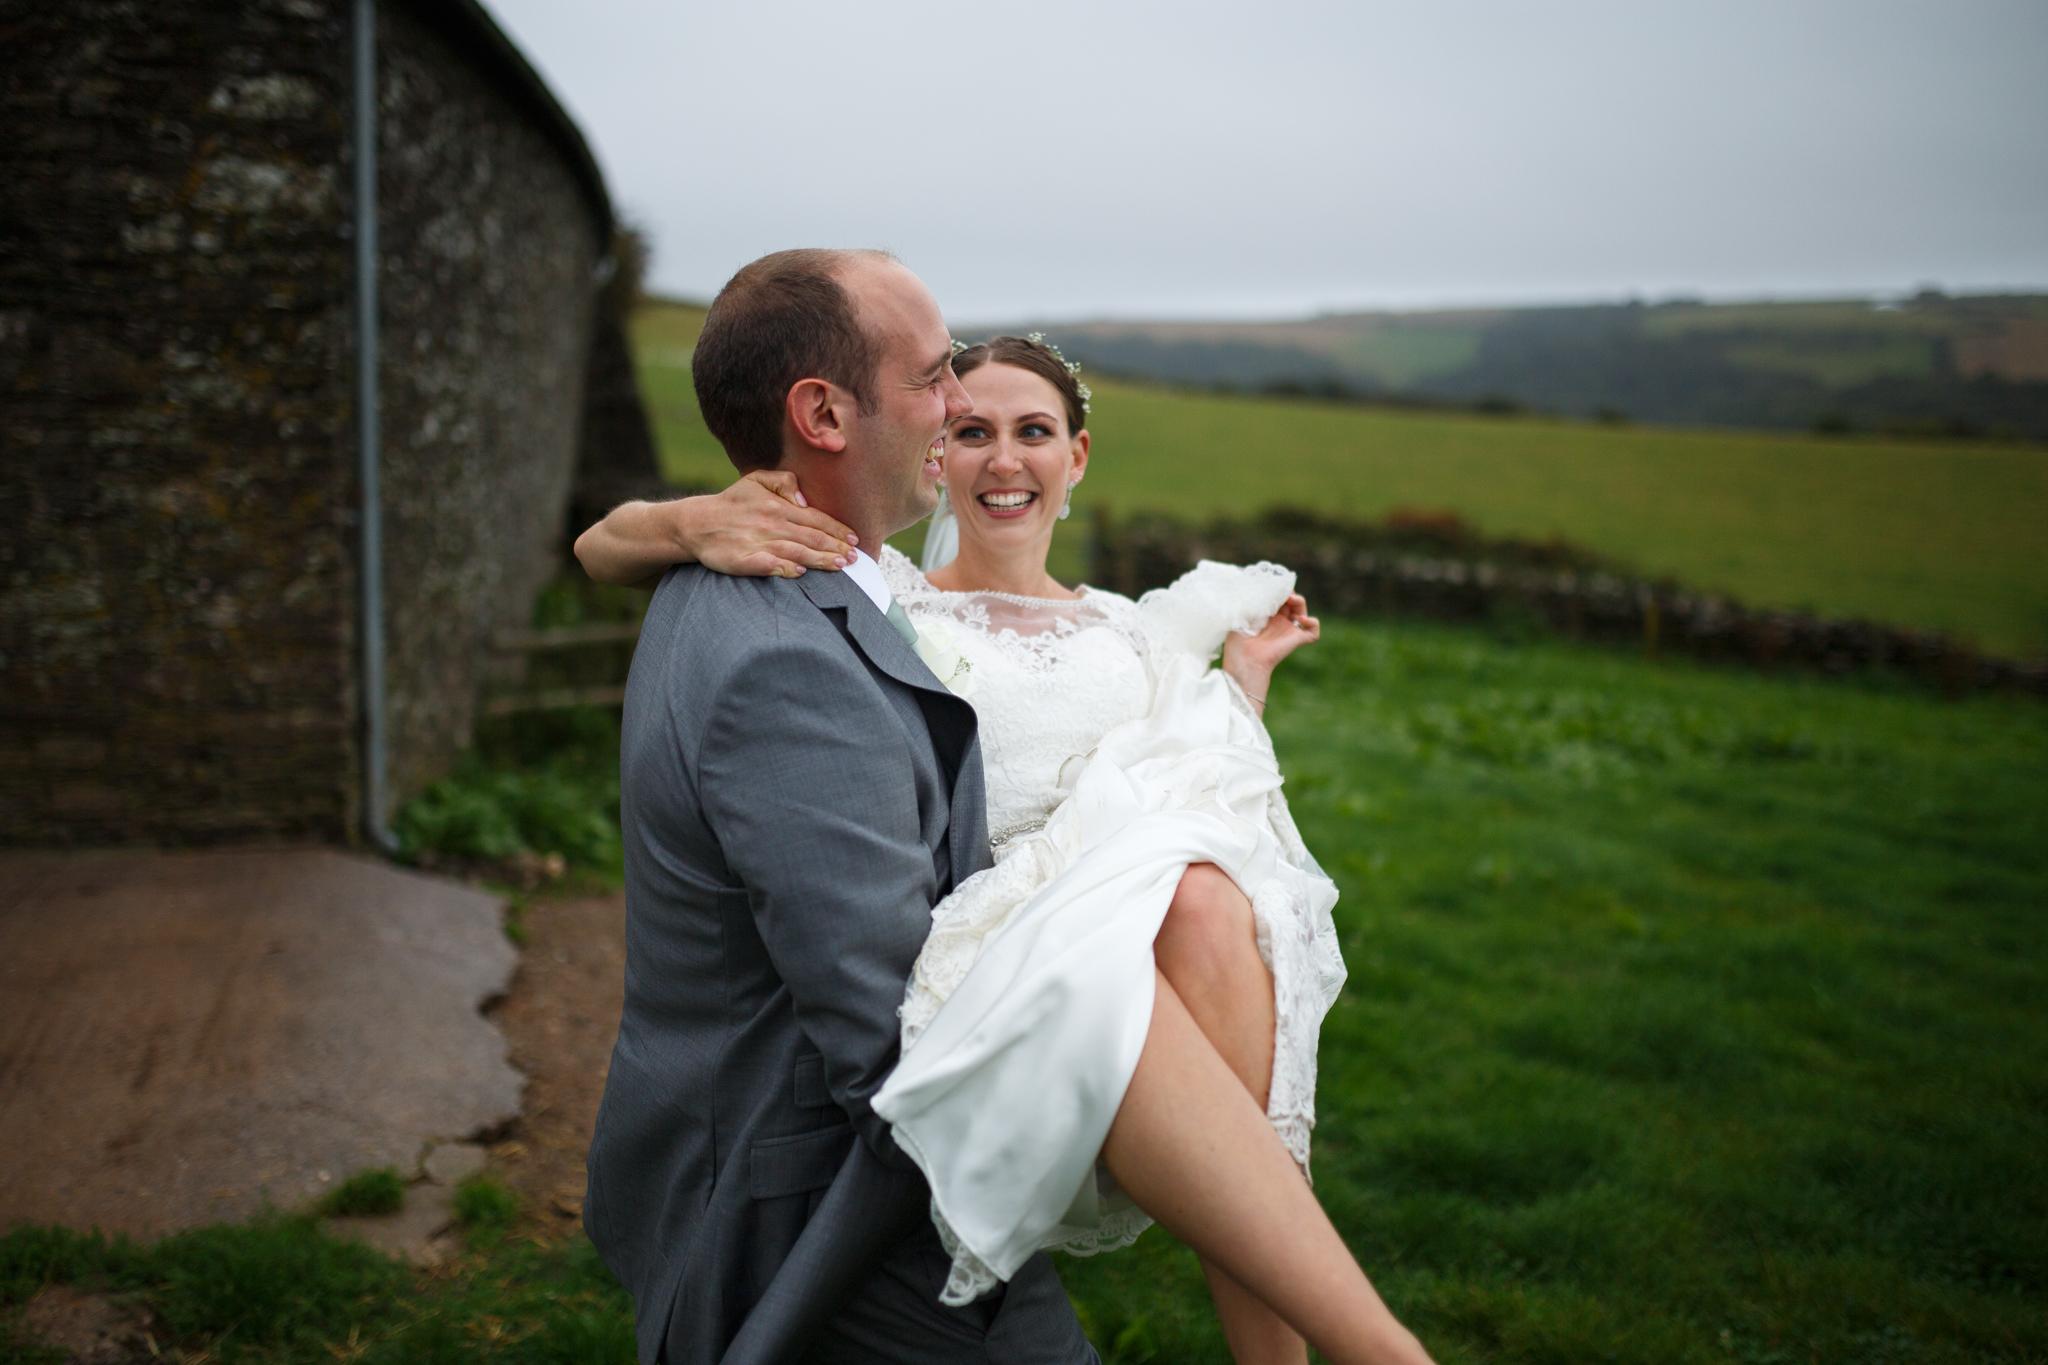 Simon_Rawling_Wedding_Photography-176.jpg